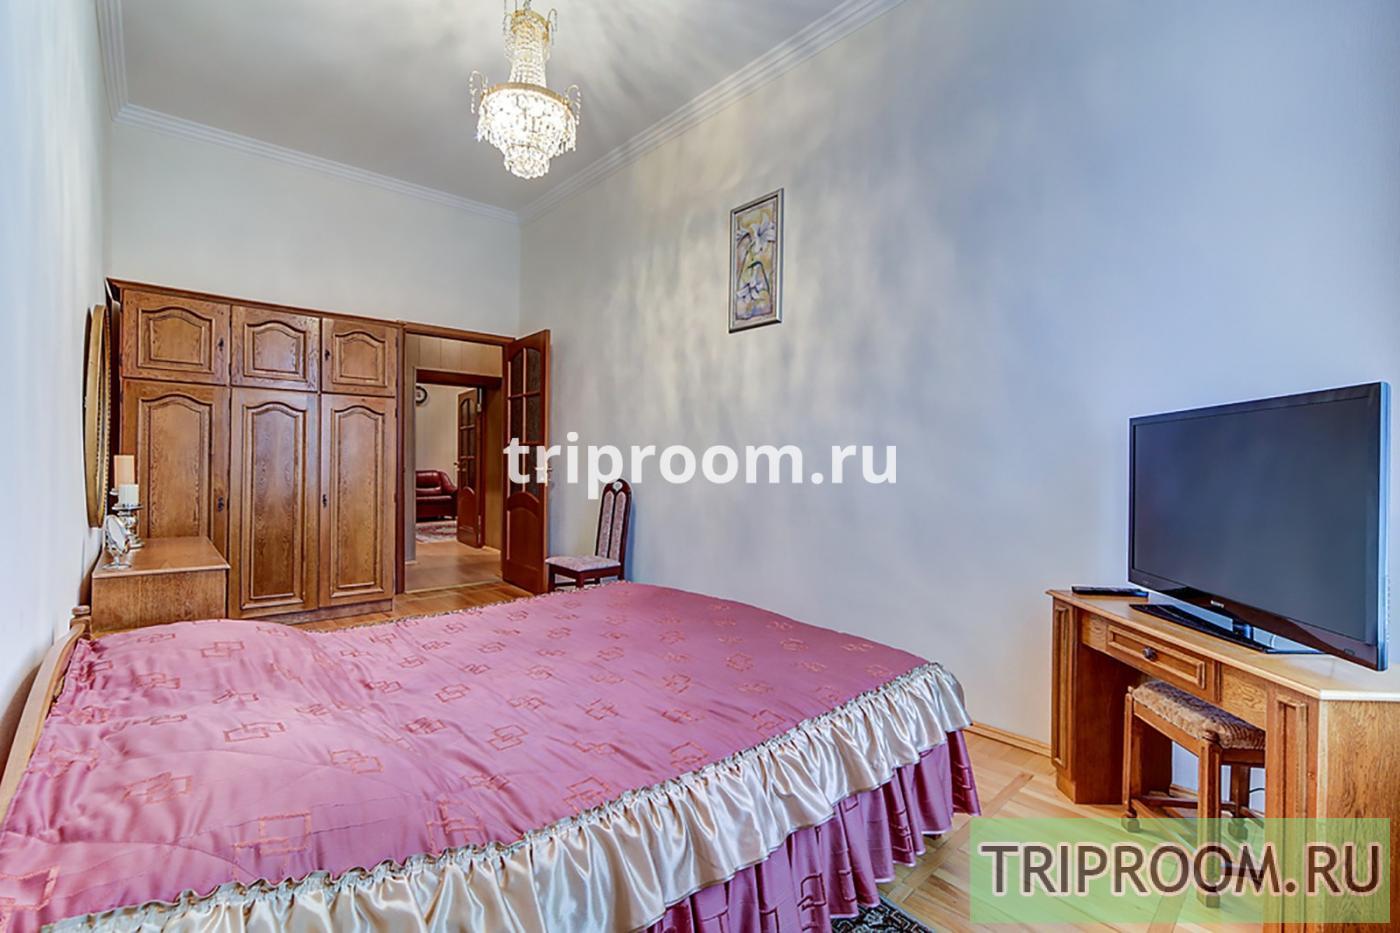 4-комнатная квартира посуточно (вариант № 20160), ул. Реки Мойки набережная, фото № 12